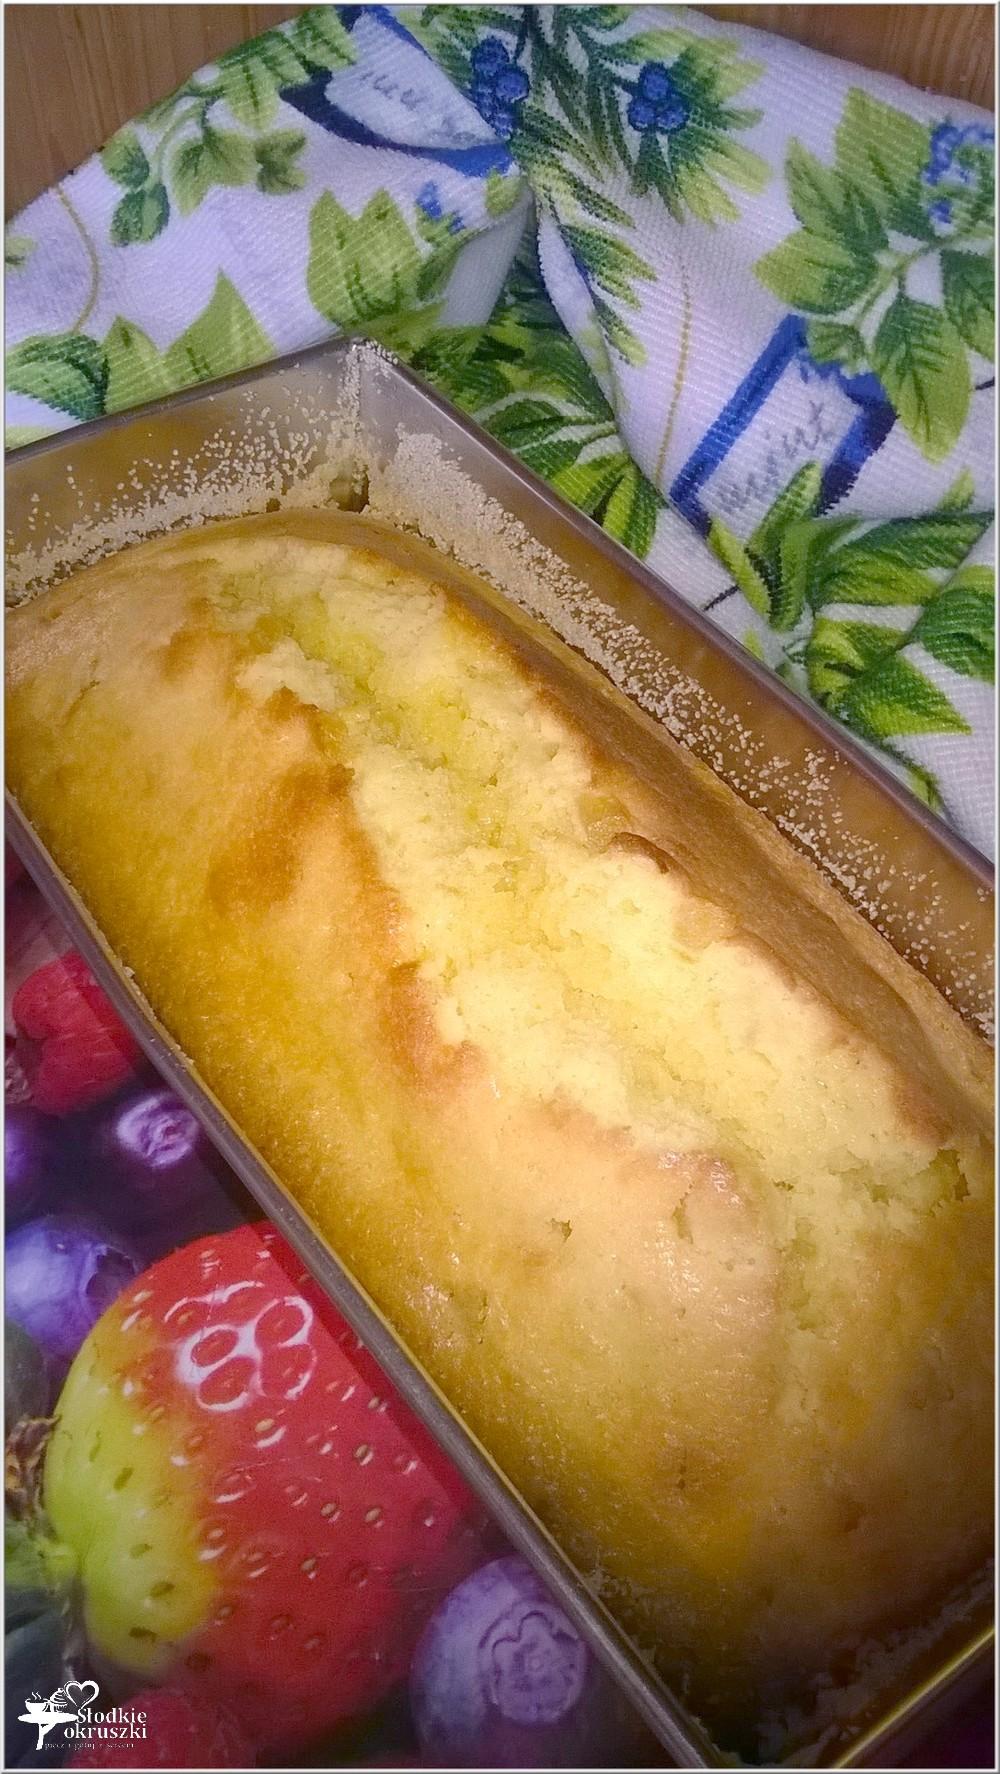 Proste ciasto cytrynowe z kandyzowanym ananasem (2)